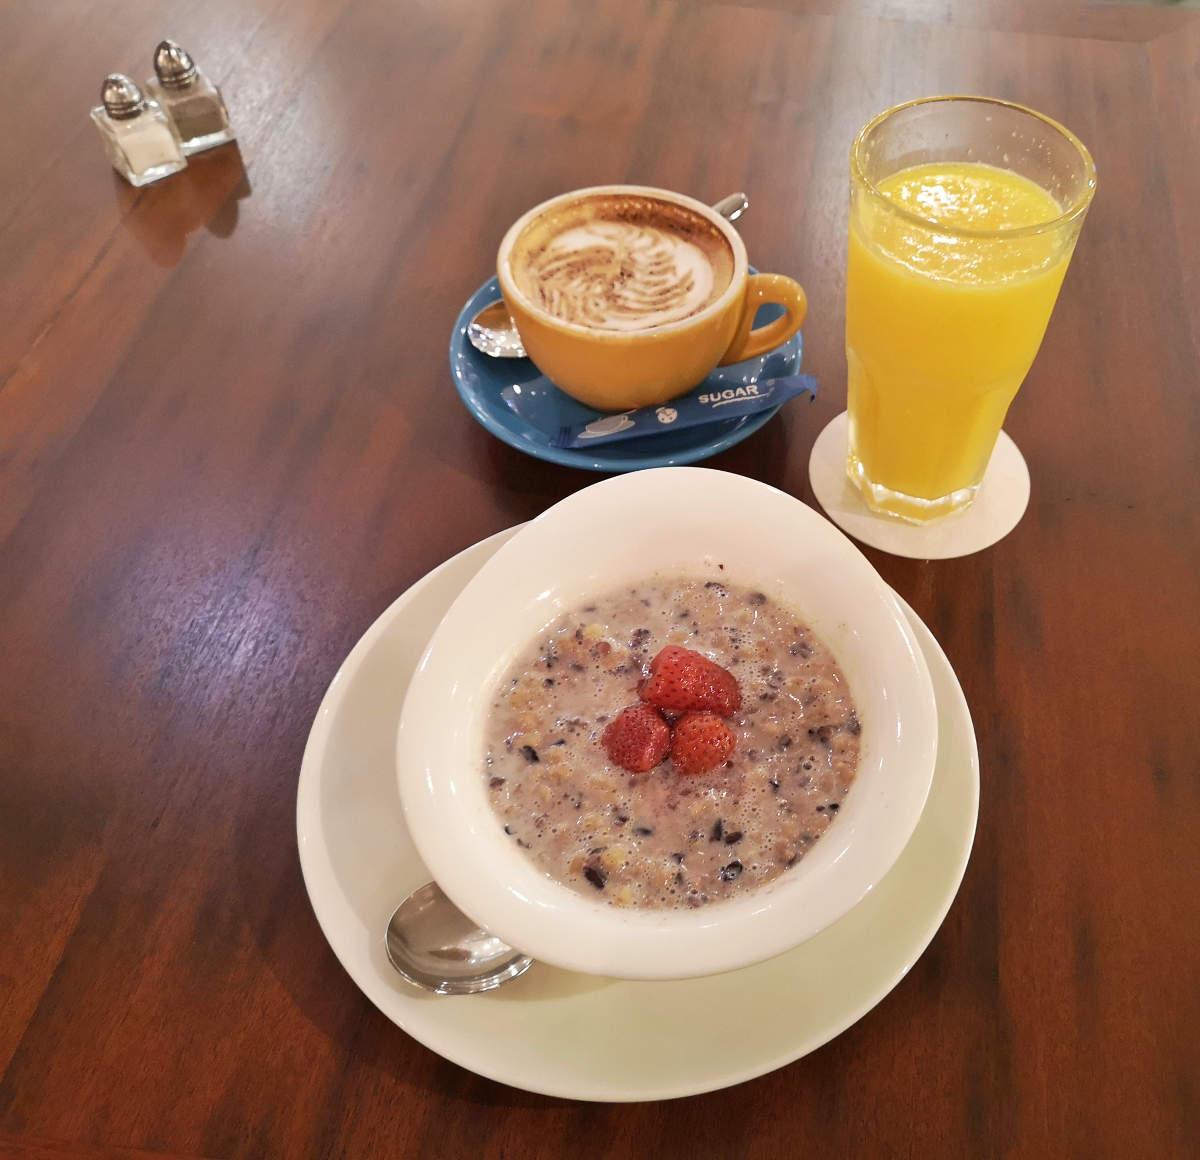 Frühstück und Shopping verbindet sich am besten im Nutmeg Cafe in Kuala Lumpur Bangsar Village, hier mit Porrige, Cappuccino und Orangensaft. Wanderhunger